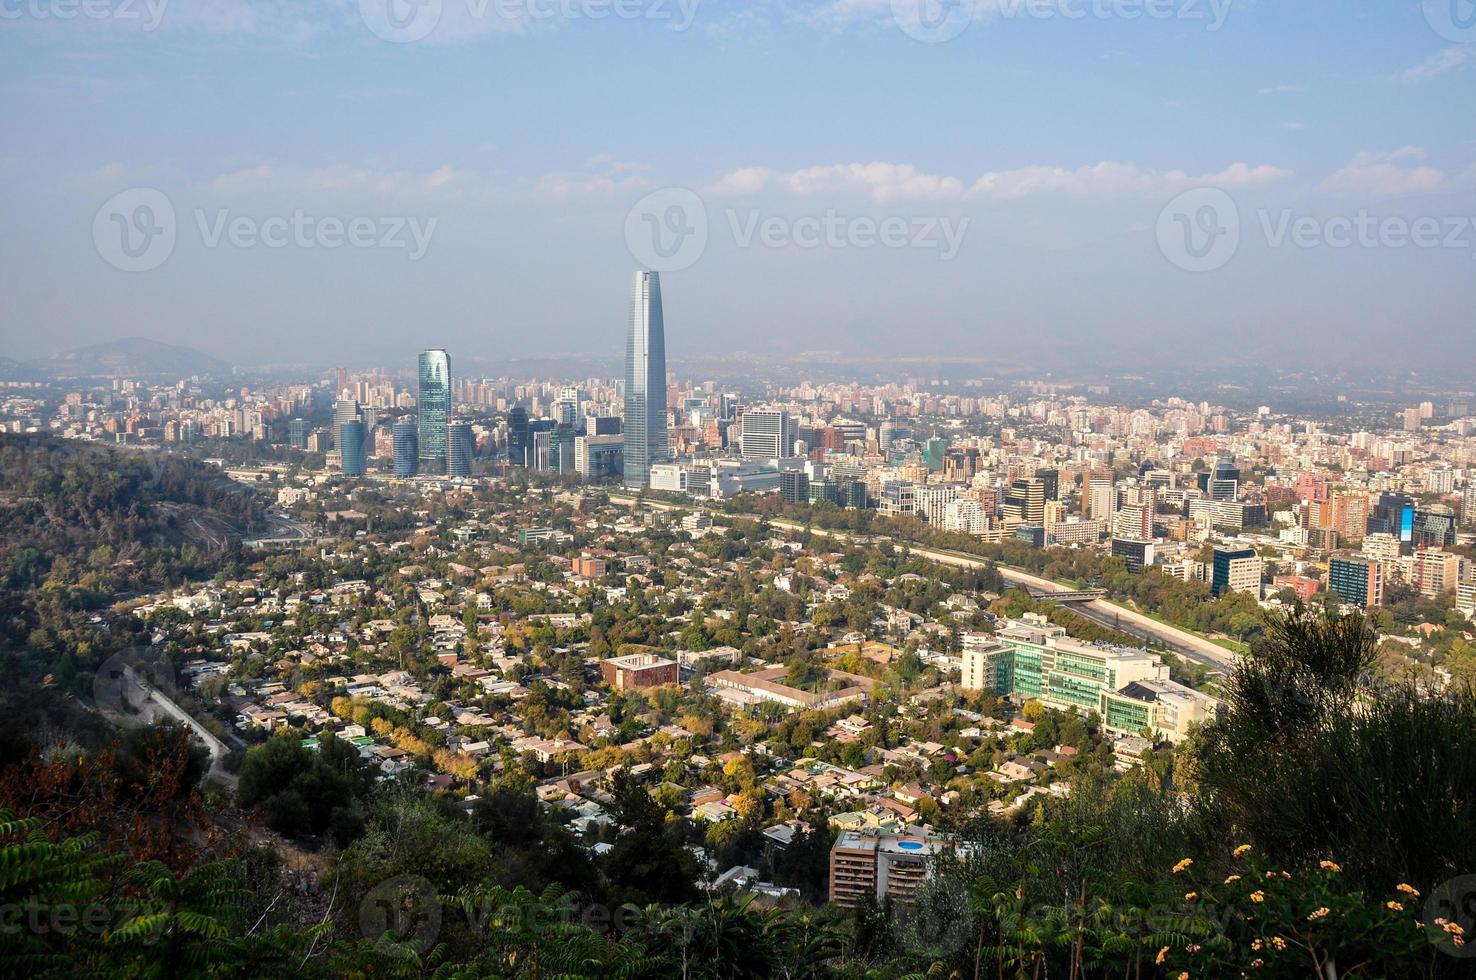 vue sur les toits de Santiago de cerro san cristobal, chili photo